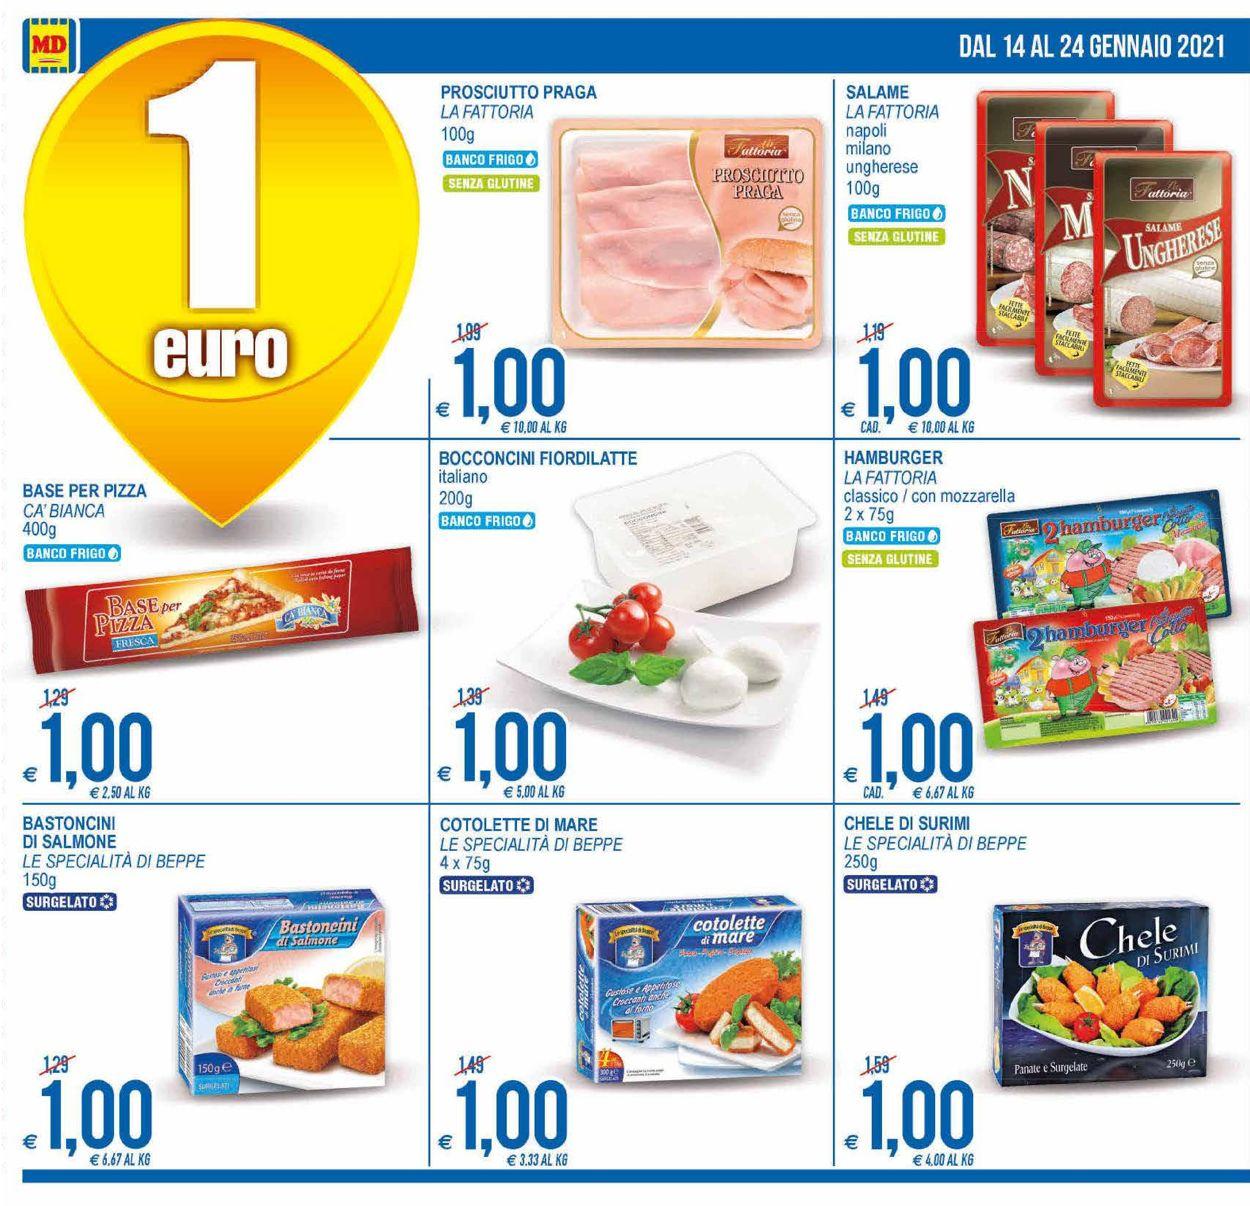 Volantino MD Discount - Offerte 14/01-24/01/2021 (Pagina 4)